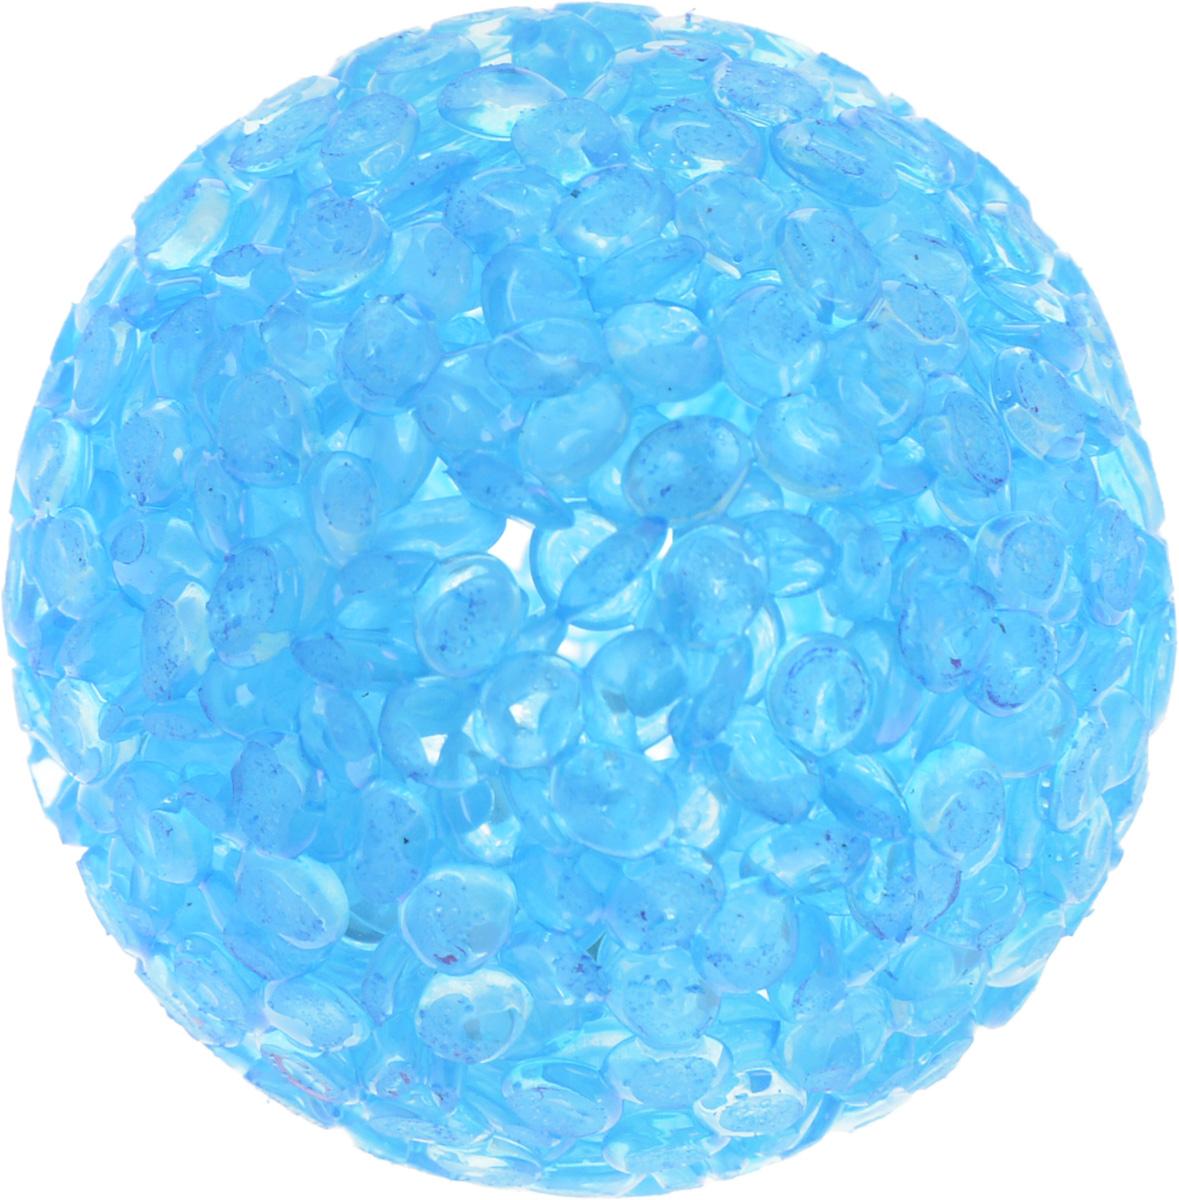 Игрушка для животных Каскад Мячик блестящий, цвет: голубой, диаметр 4 см0120710Игрушка для животных Каскад Мячик блестящий изготовлена из высококачественной синтетики. Внутри изделия имеется небольшой бубенчик, который привлечет внимание питомца. Такая игрушка порадует вашего любимца, а вам доставит массу приятных эмоций, ведь наблюдать за игрой всегда интересно и приятно.Диаметр игрушки: 4 см.